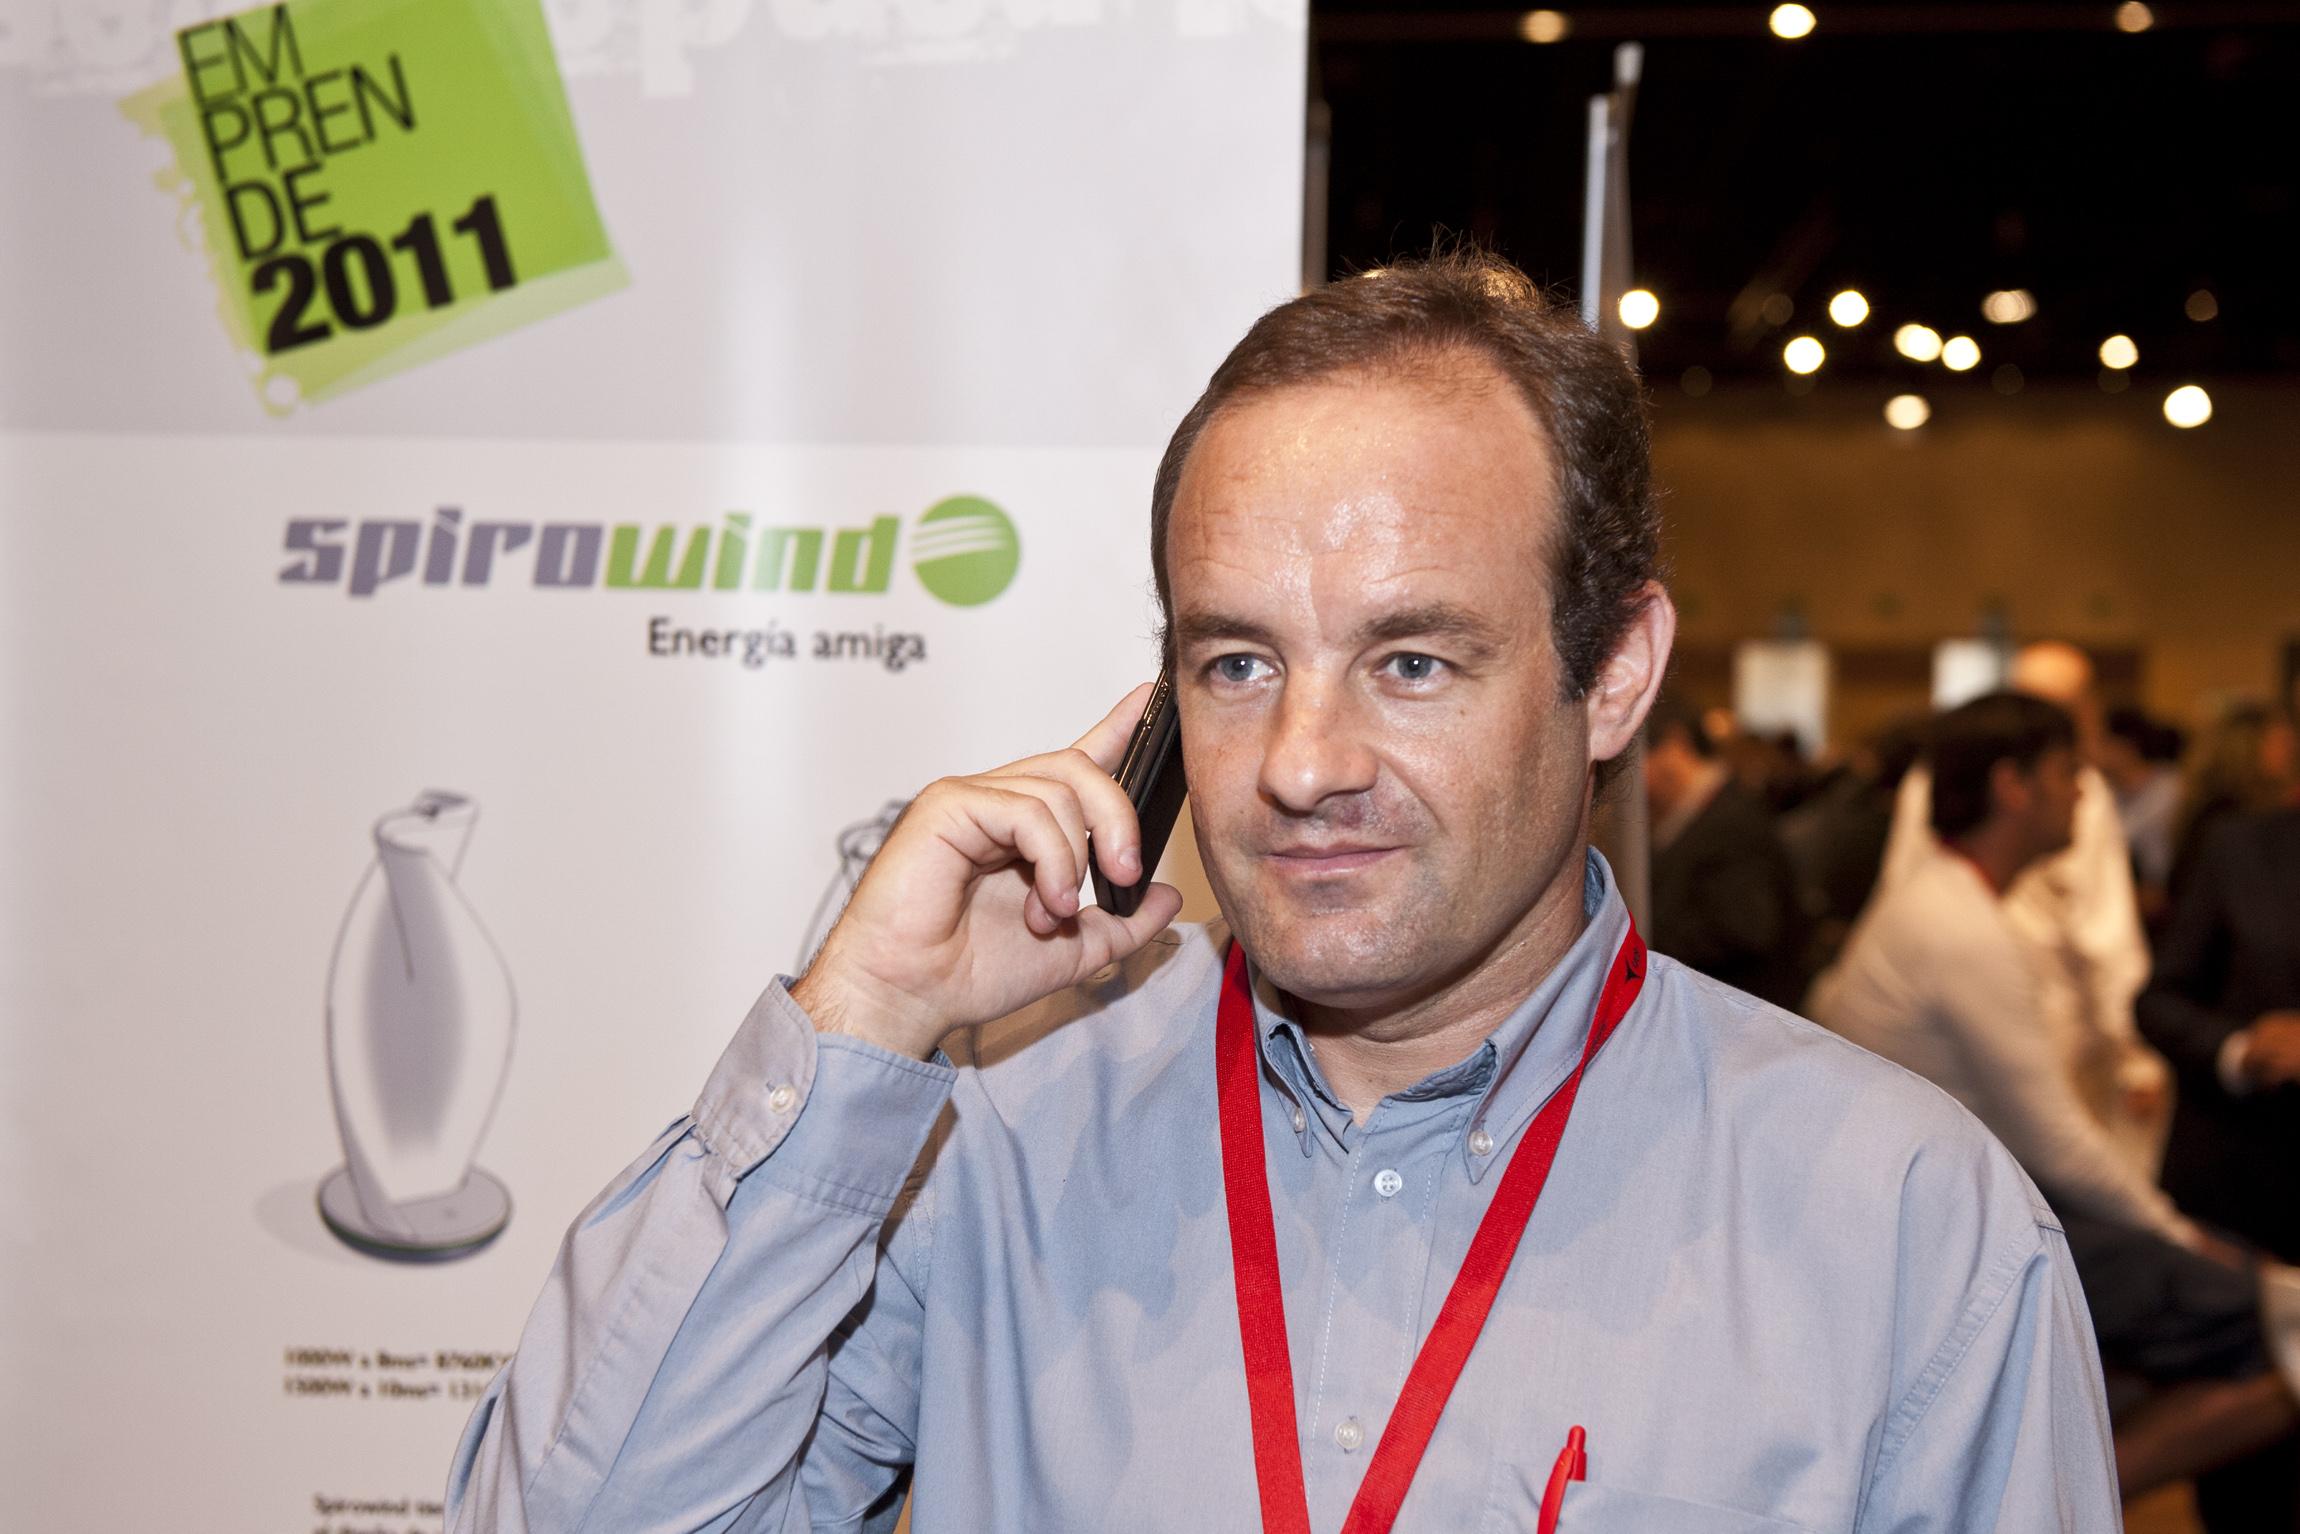 2011_09_14_emprendedores_086.jpg